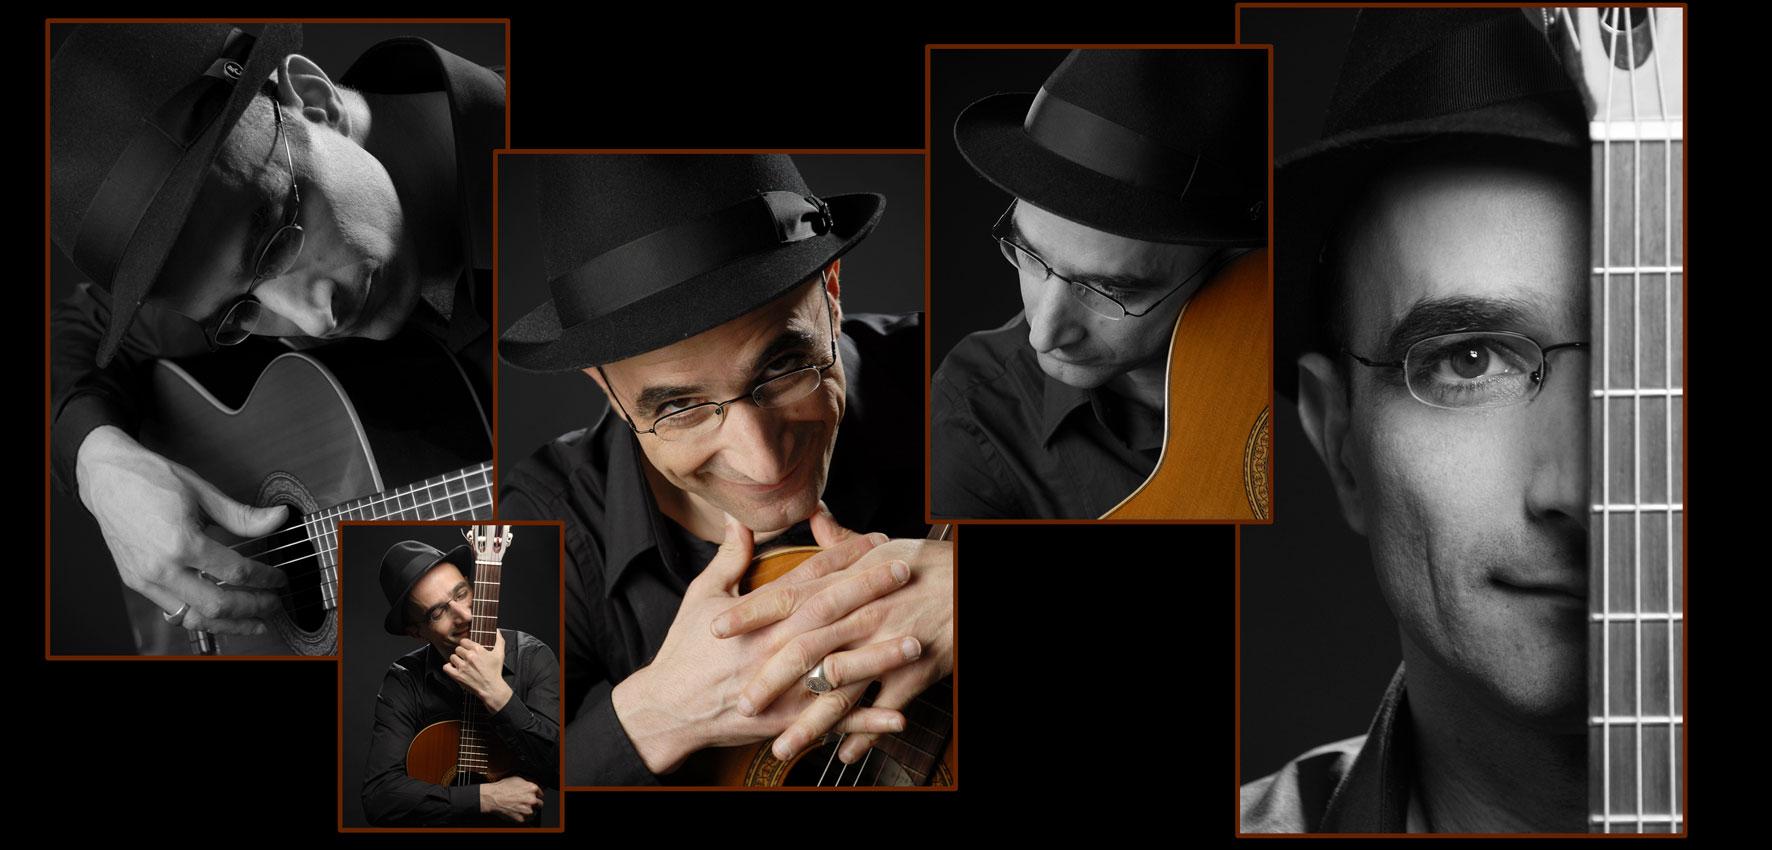 portraits-fotografie-andrea-rompa-01